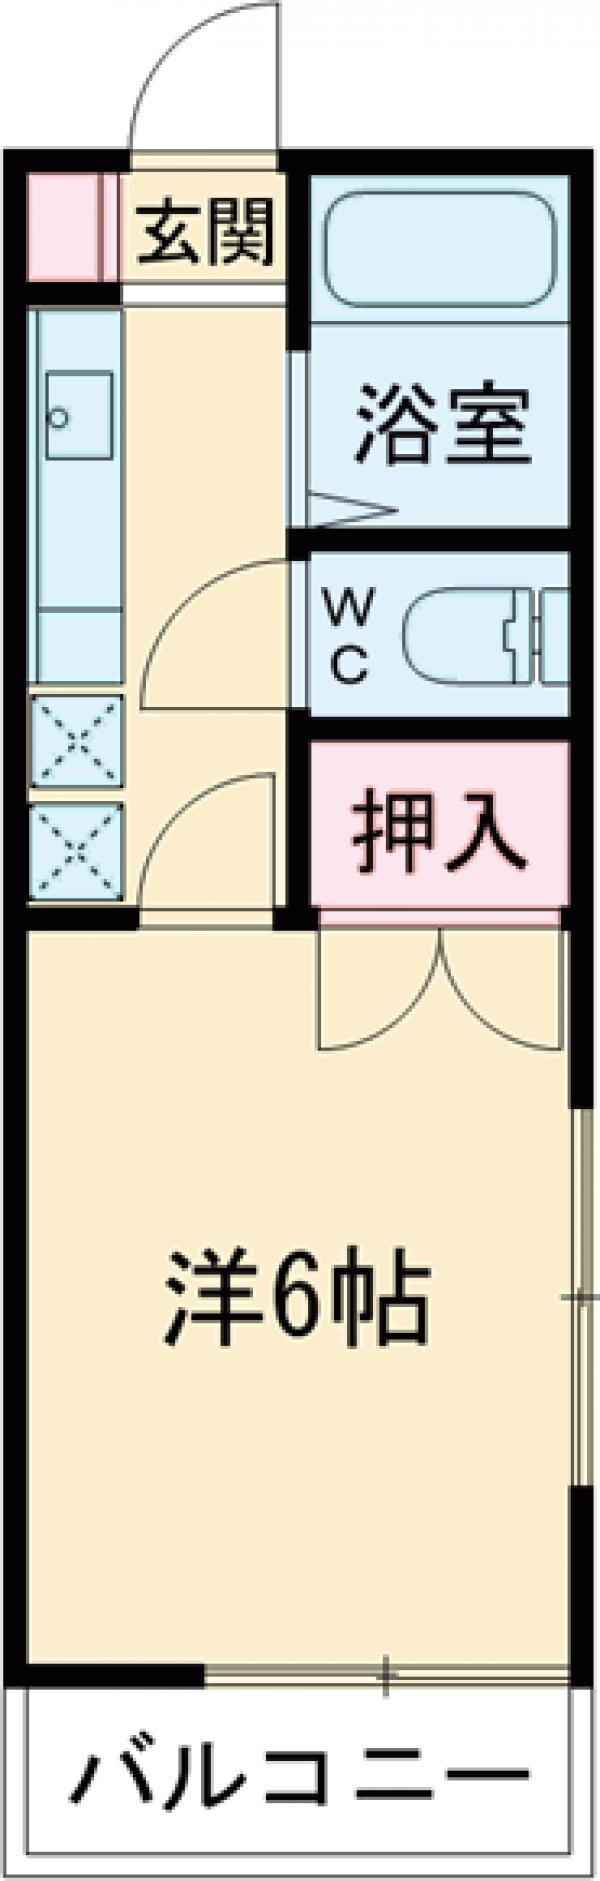 吉成荘 201号室の間取り